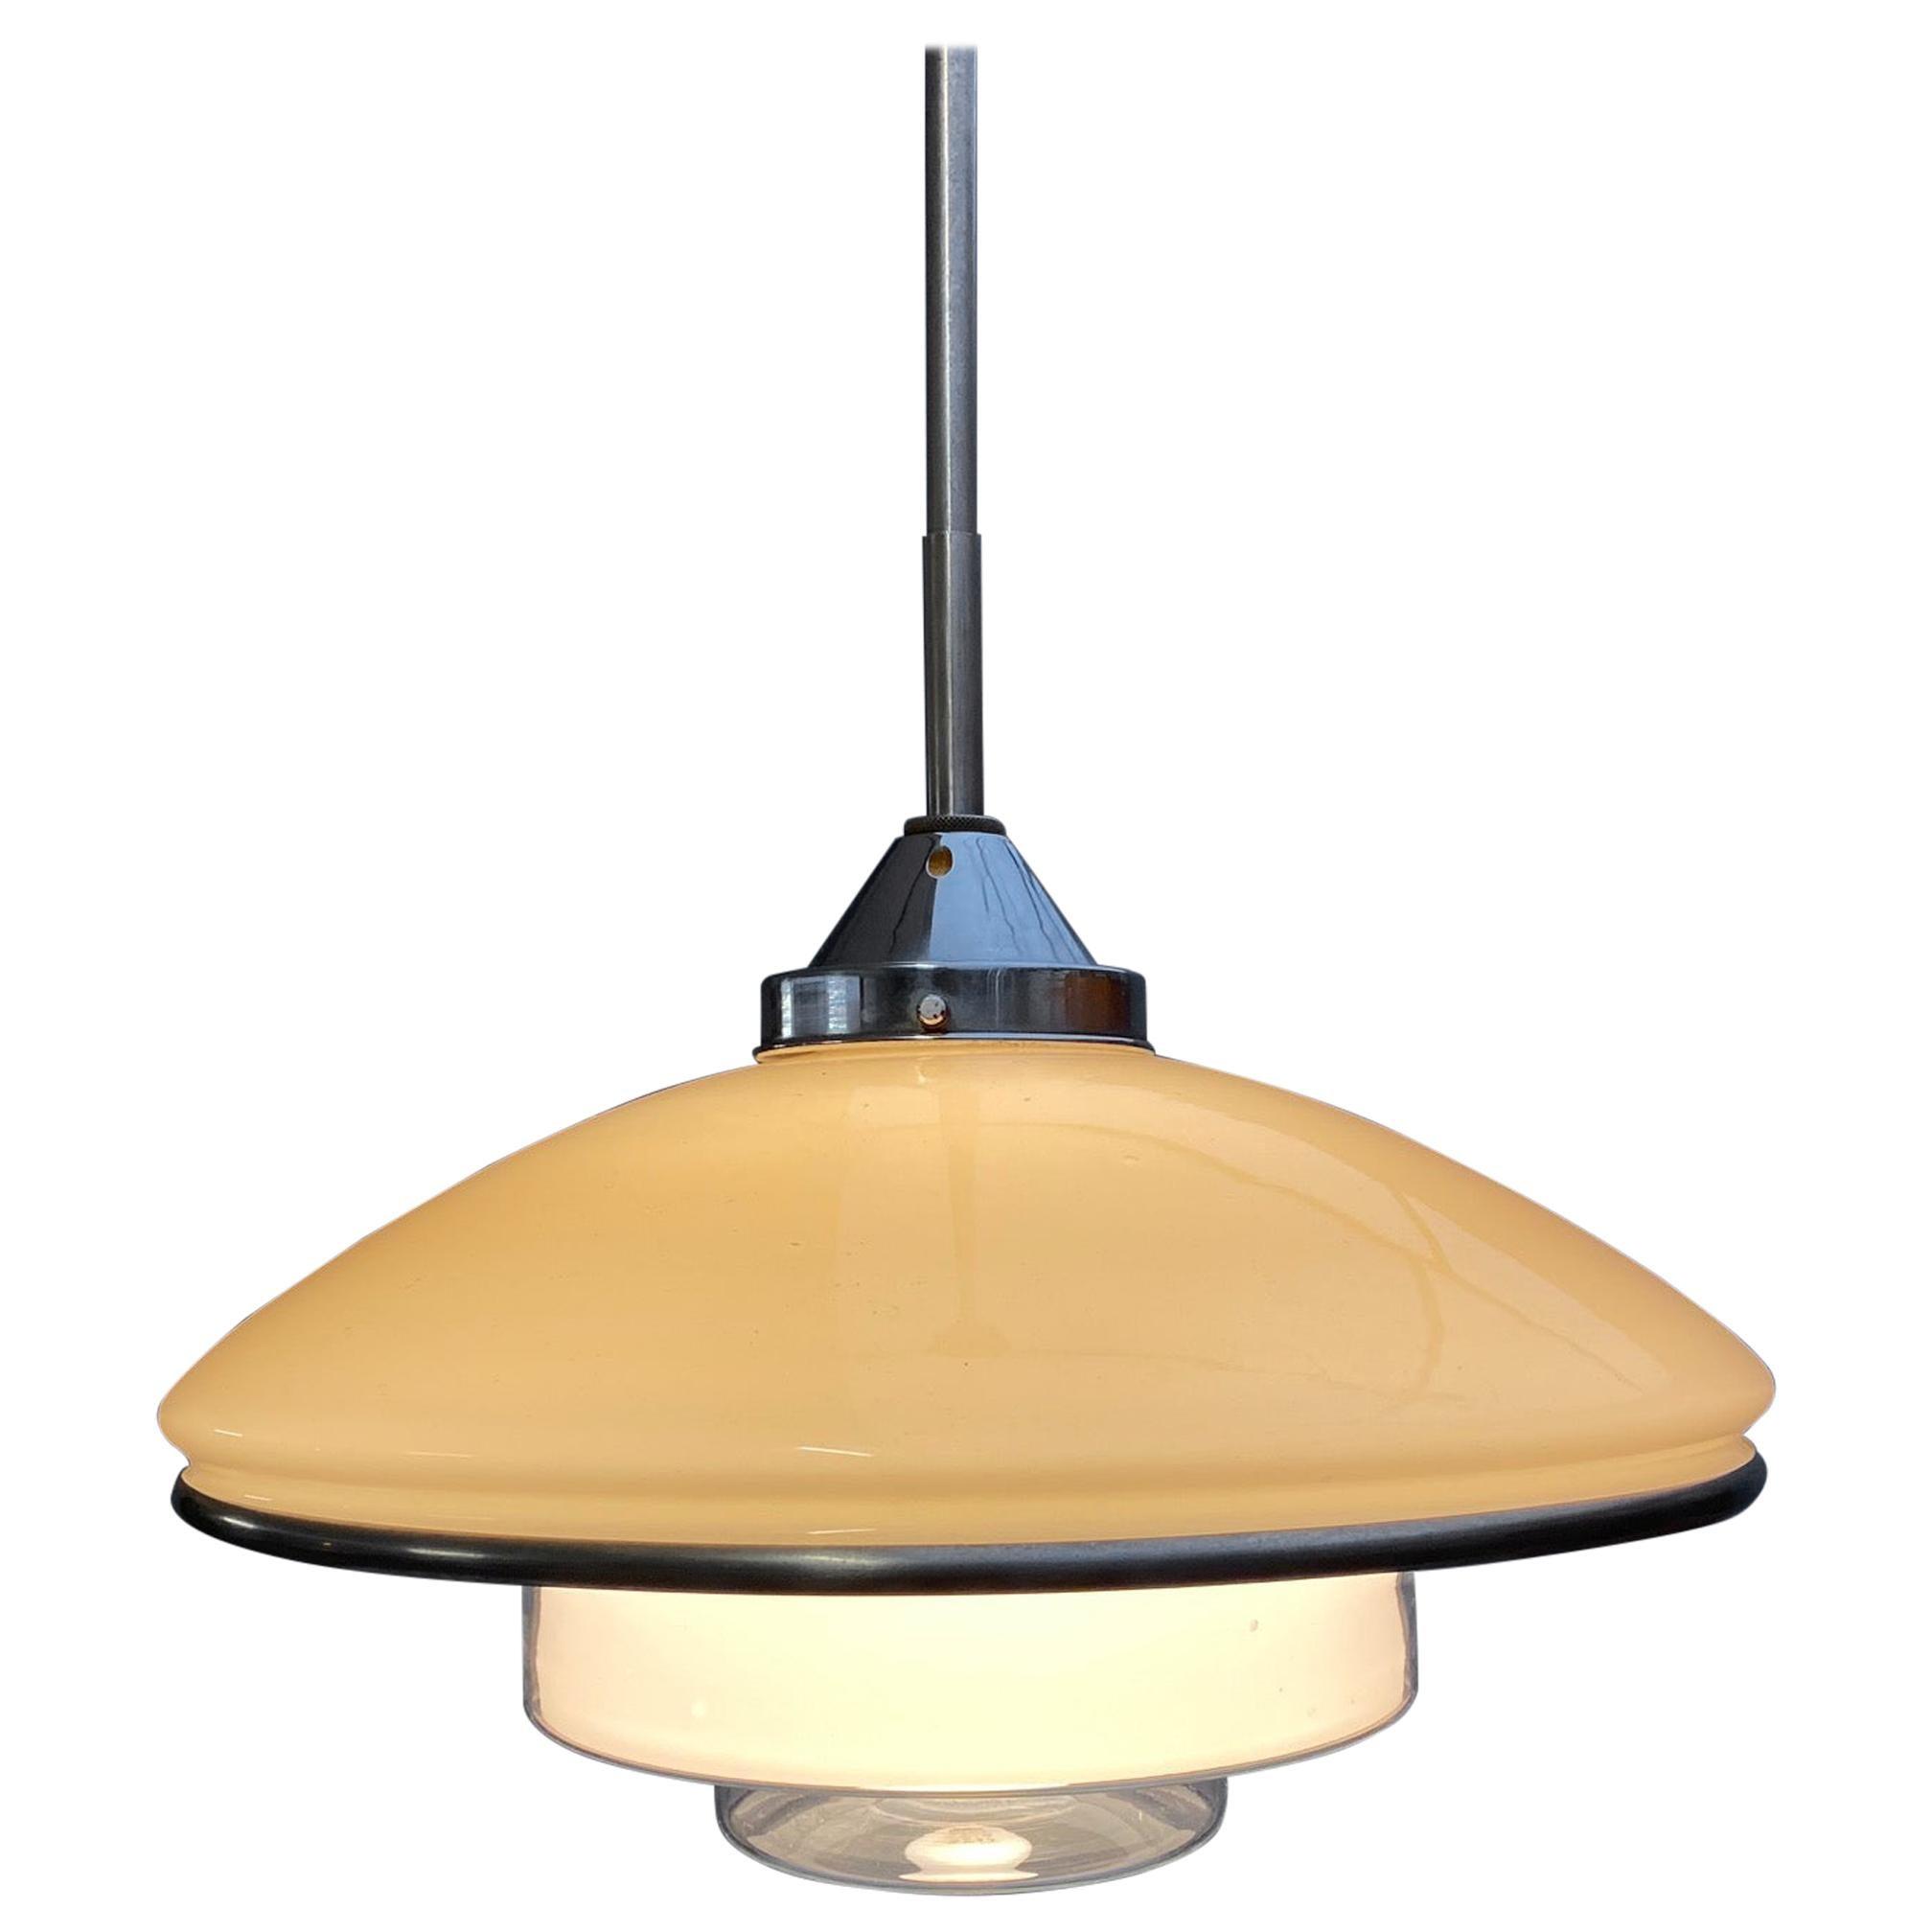 Otto Müller Pendant Light P4 for Sistrah, 1930s